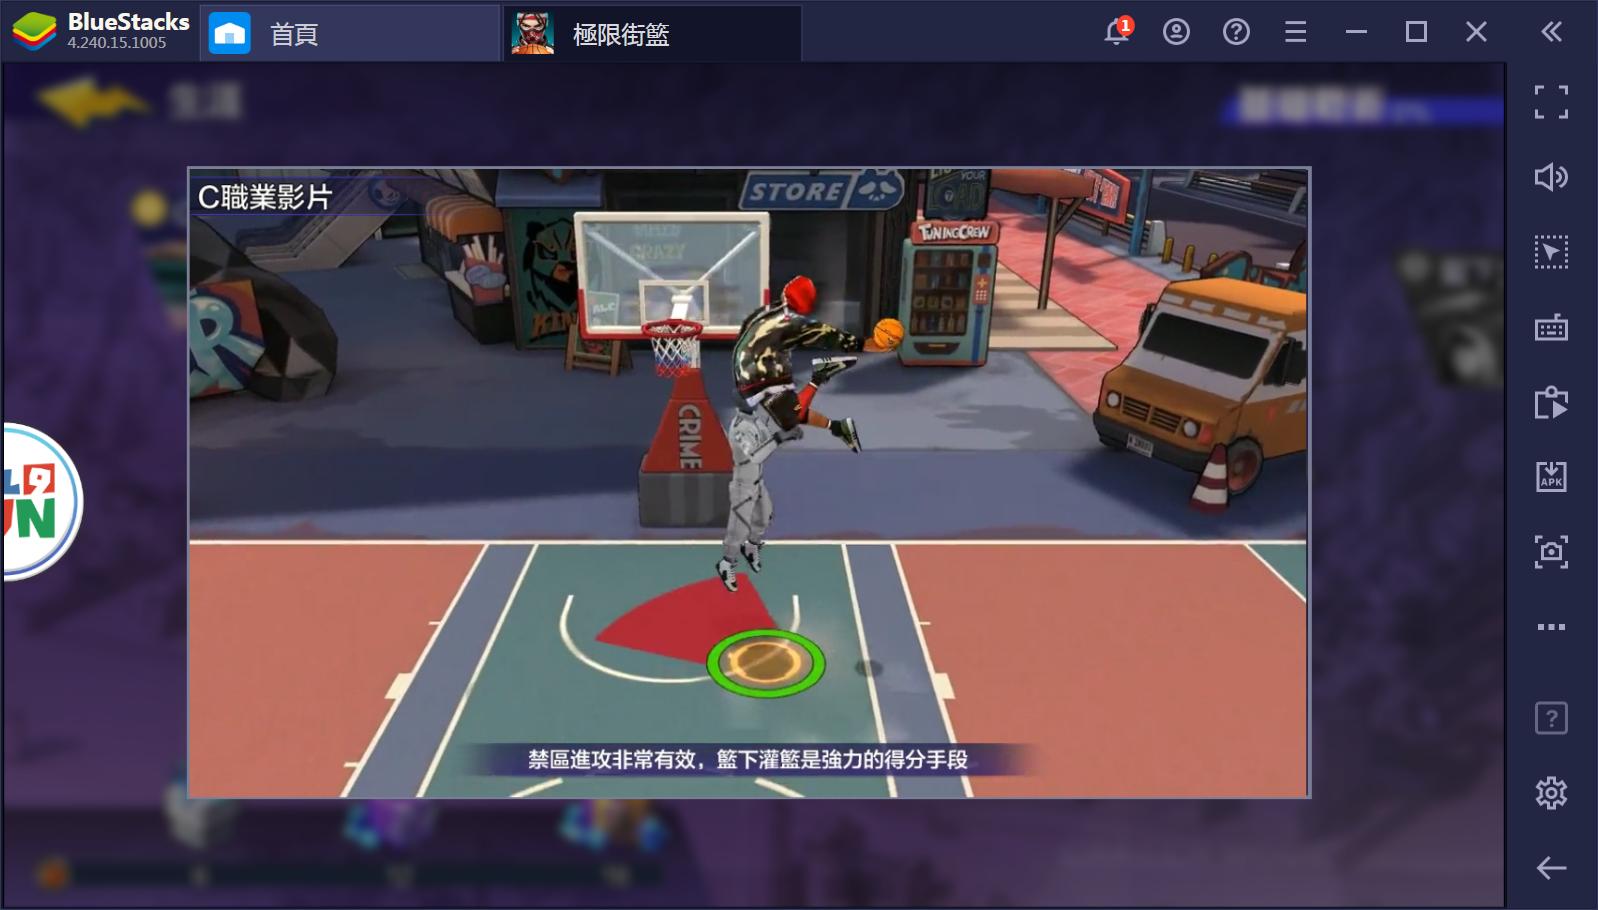 使用BlueStacks在PC上遊玩街頭籃球手遊《極限街籃》